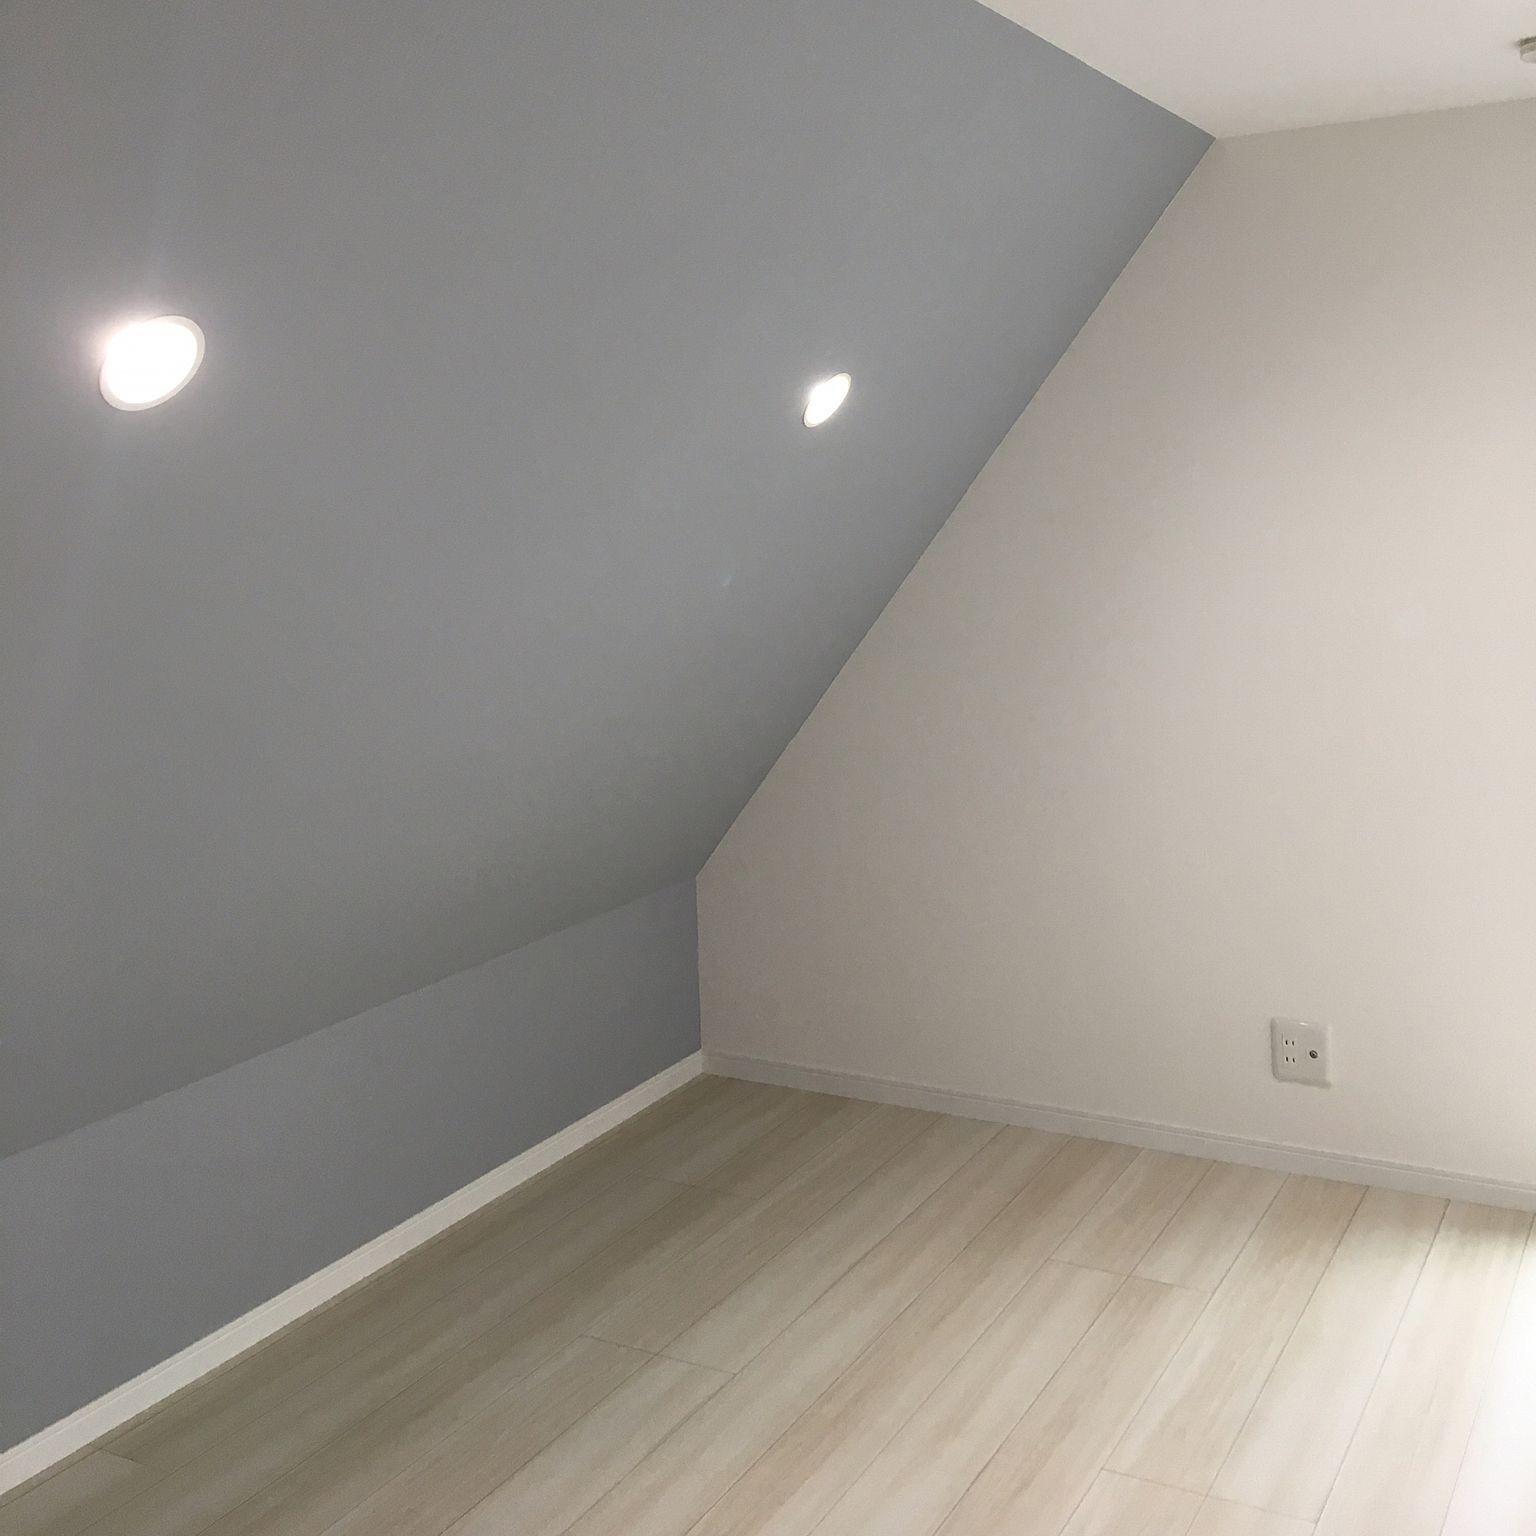 壁 天井 ラシッサdフロア ブルーグレーの壁紙 壁紙 北欧 などの